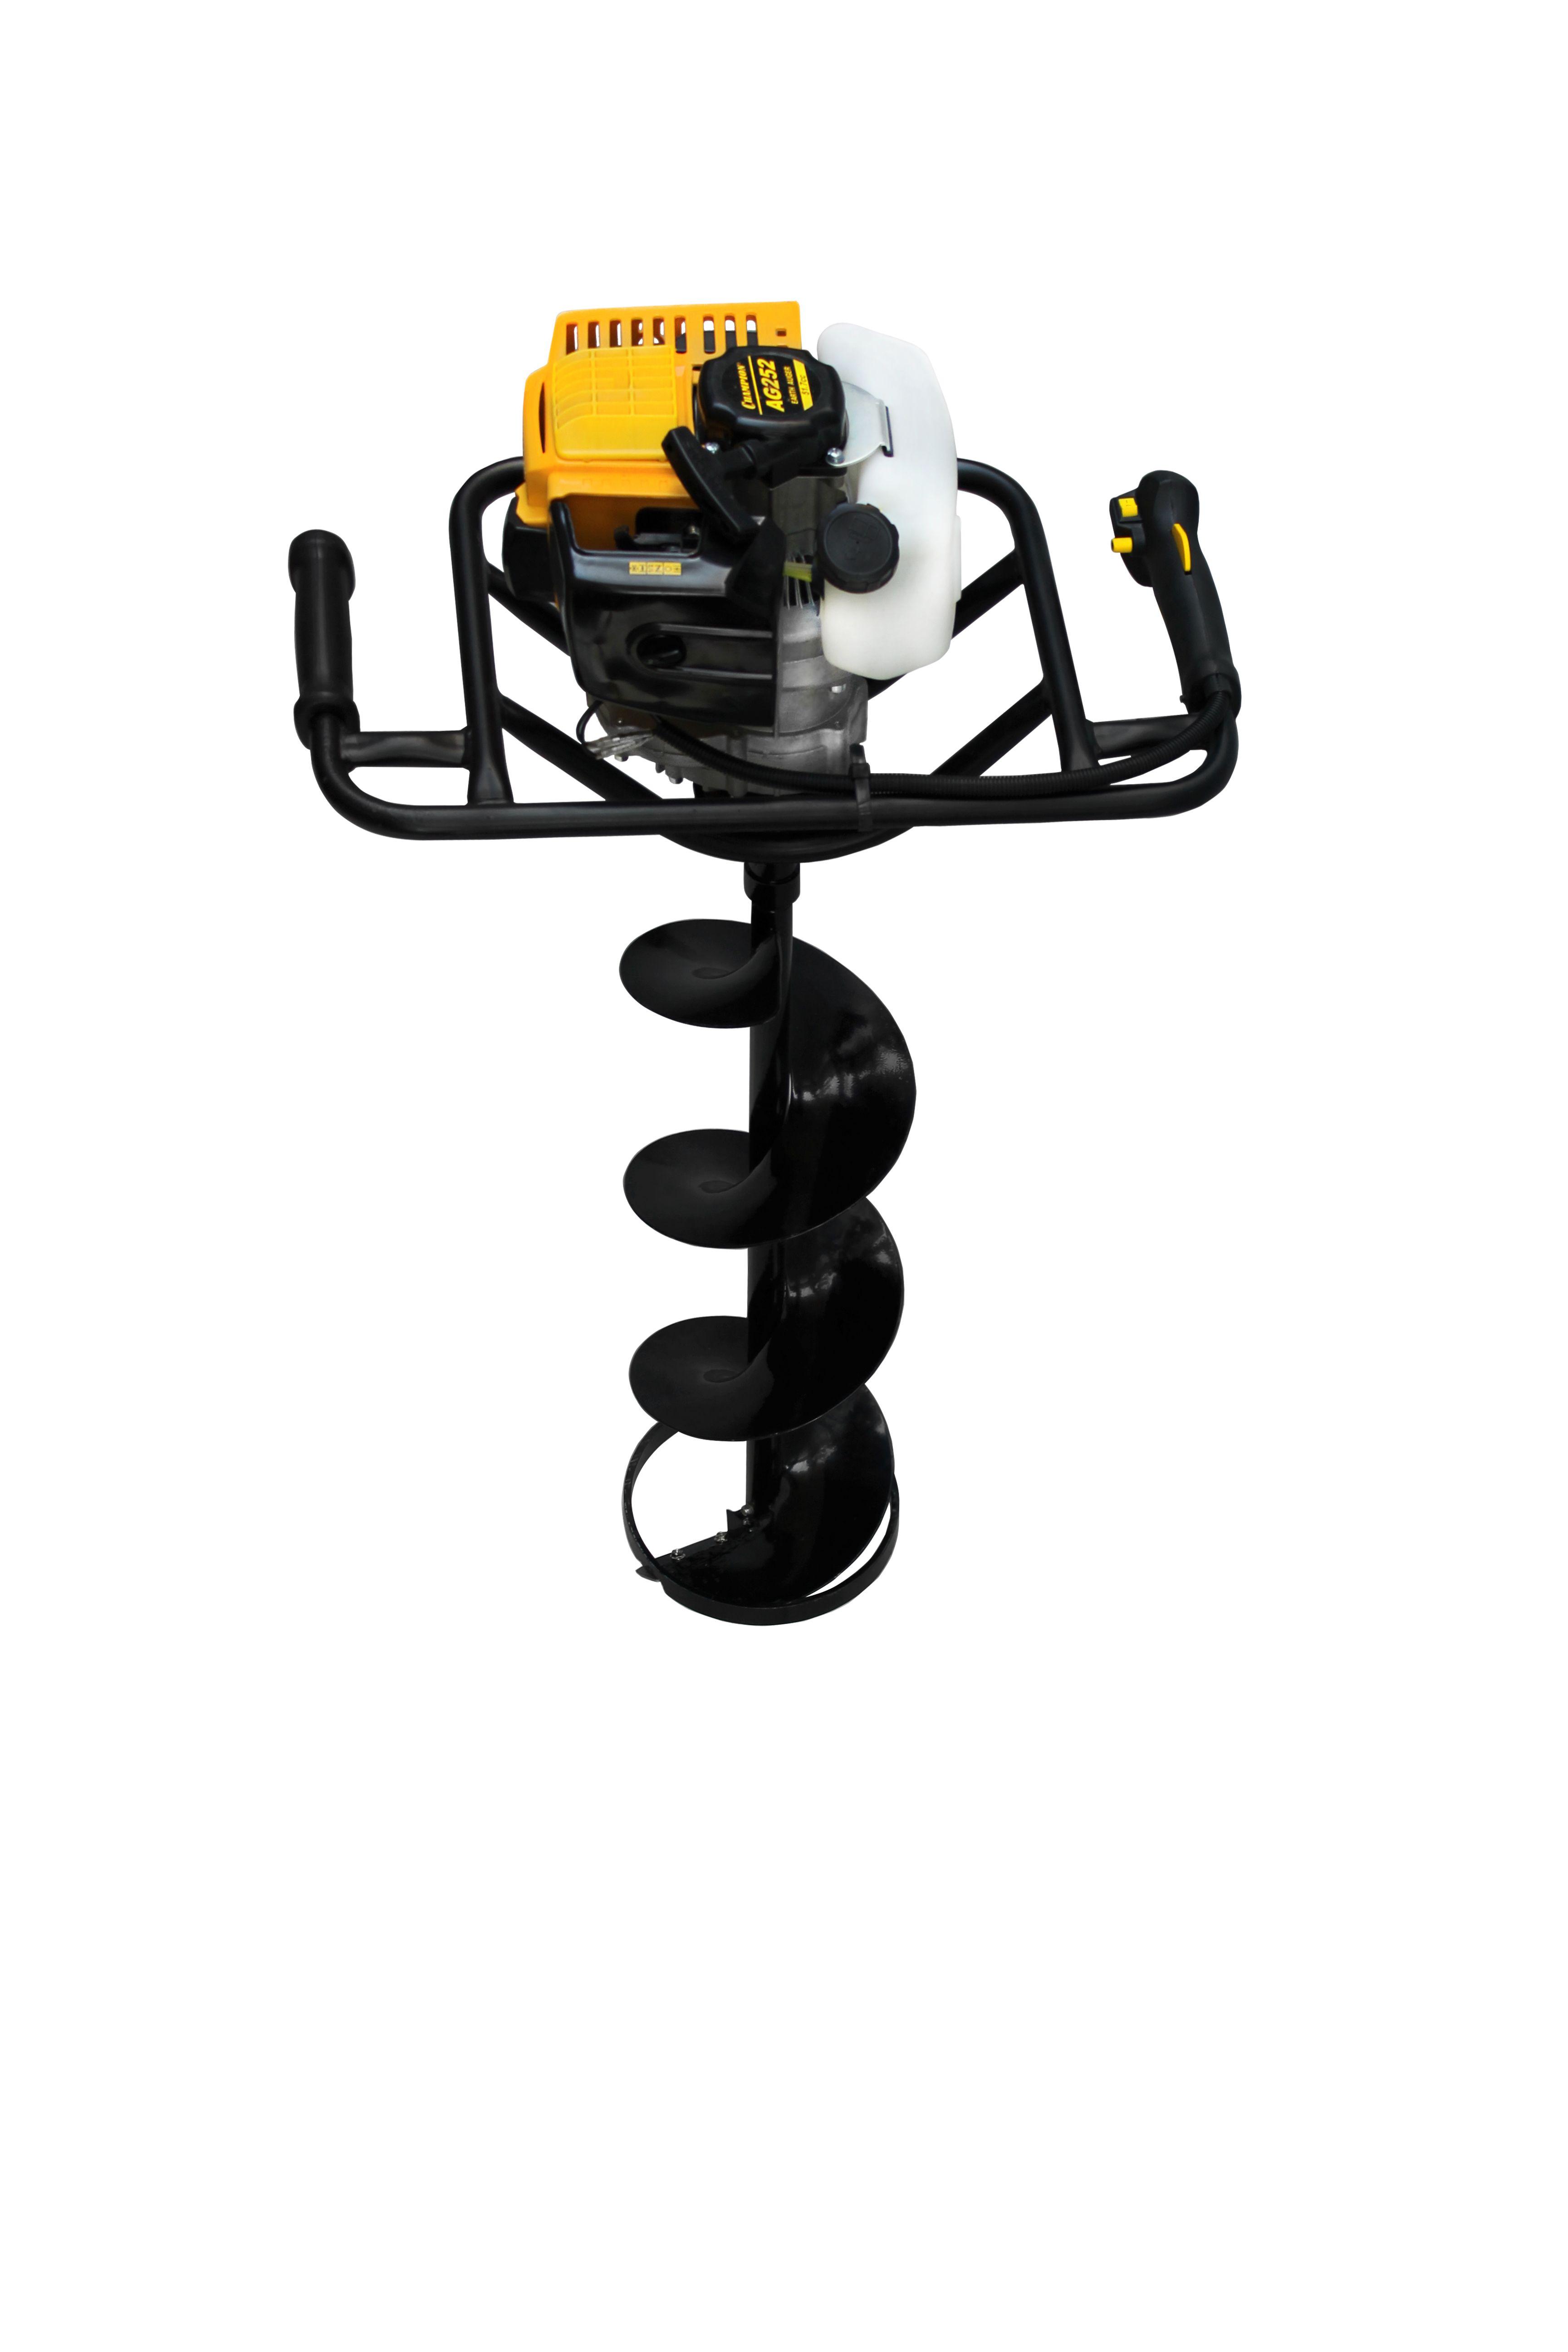 Моторный бур CHAMPION AG252, 1.6кВт 51.7см/куб бур80-200мм 9.2кг + бур200*550мм AG252 от Ravta